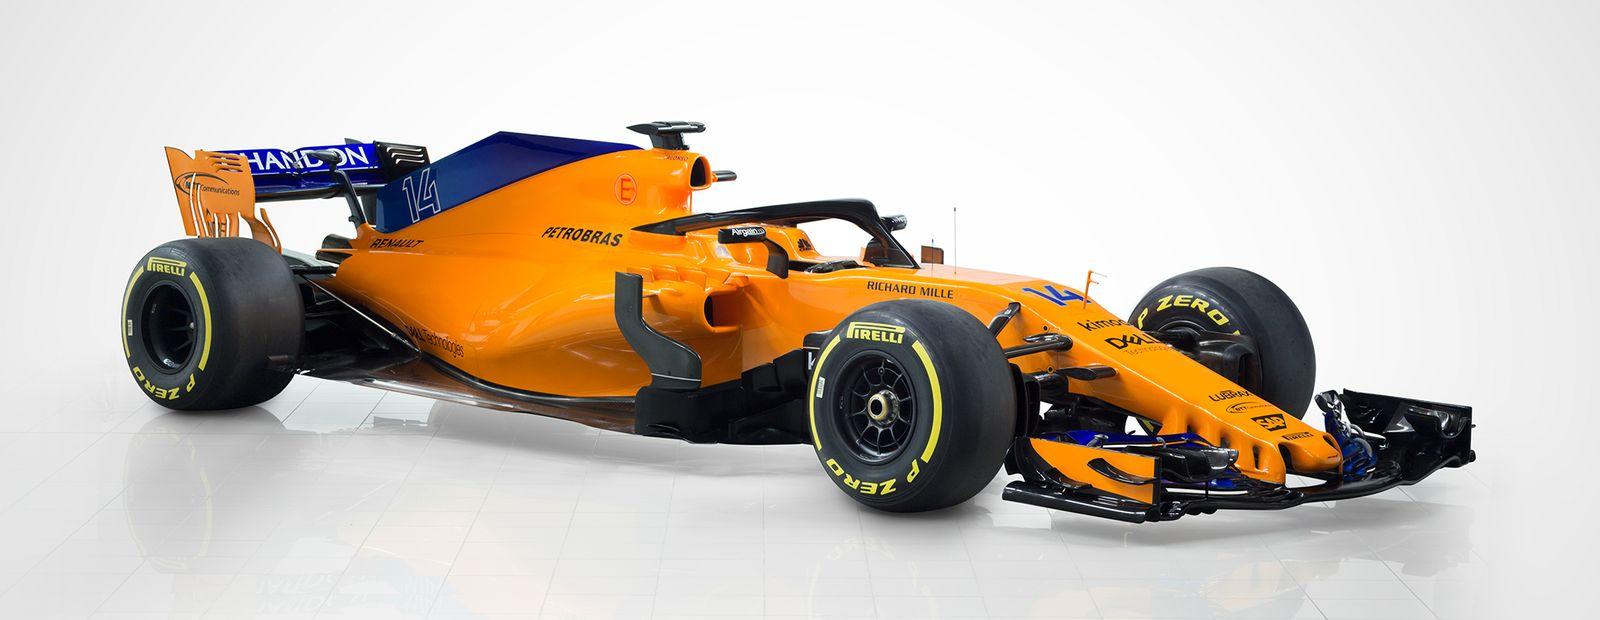 Mclaren Formula 1 Mclaren Unveils Striking 2018